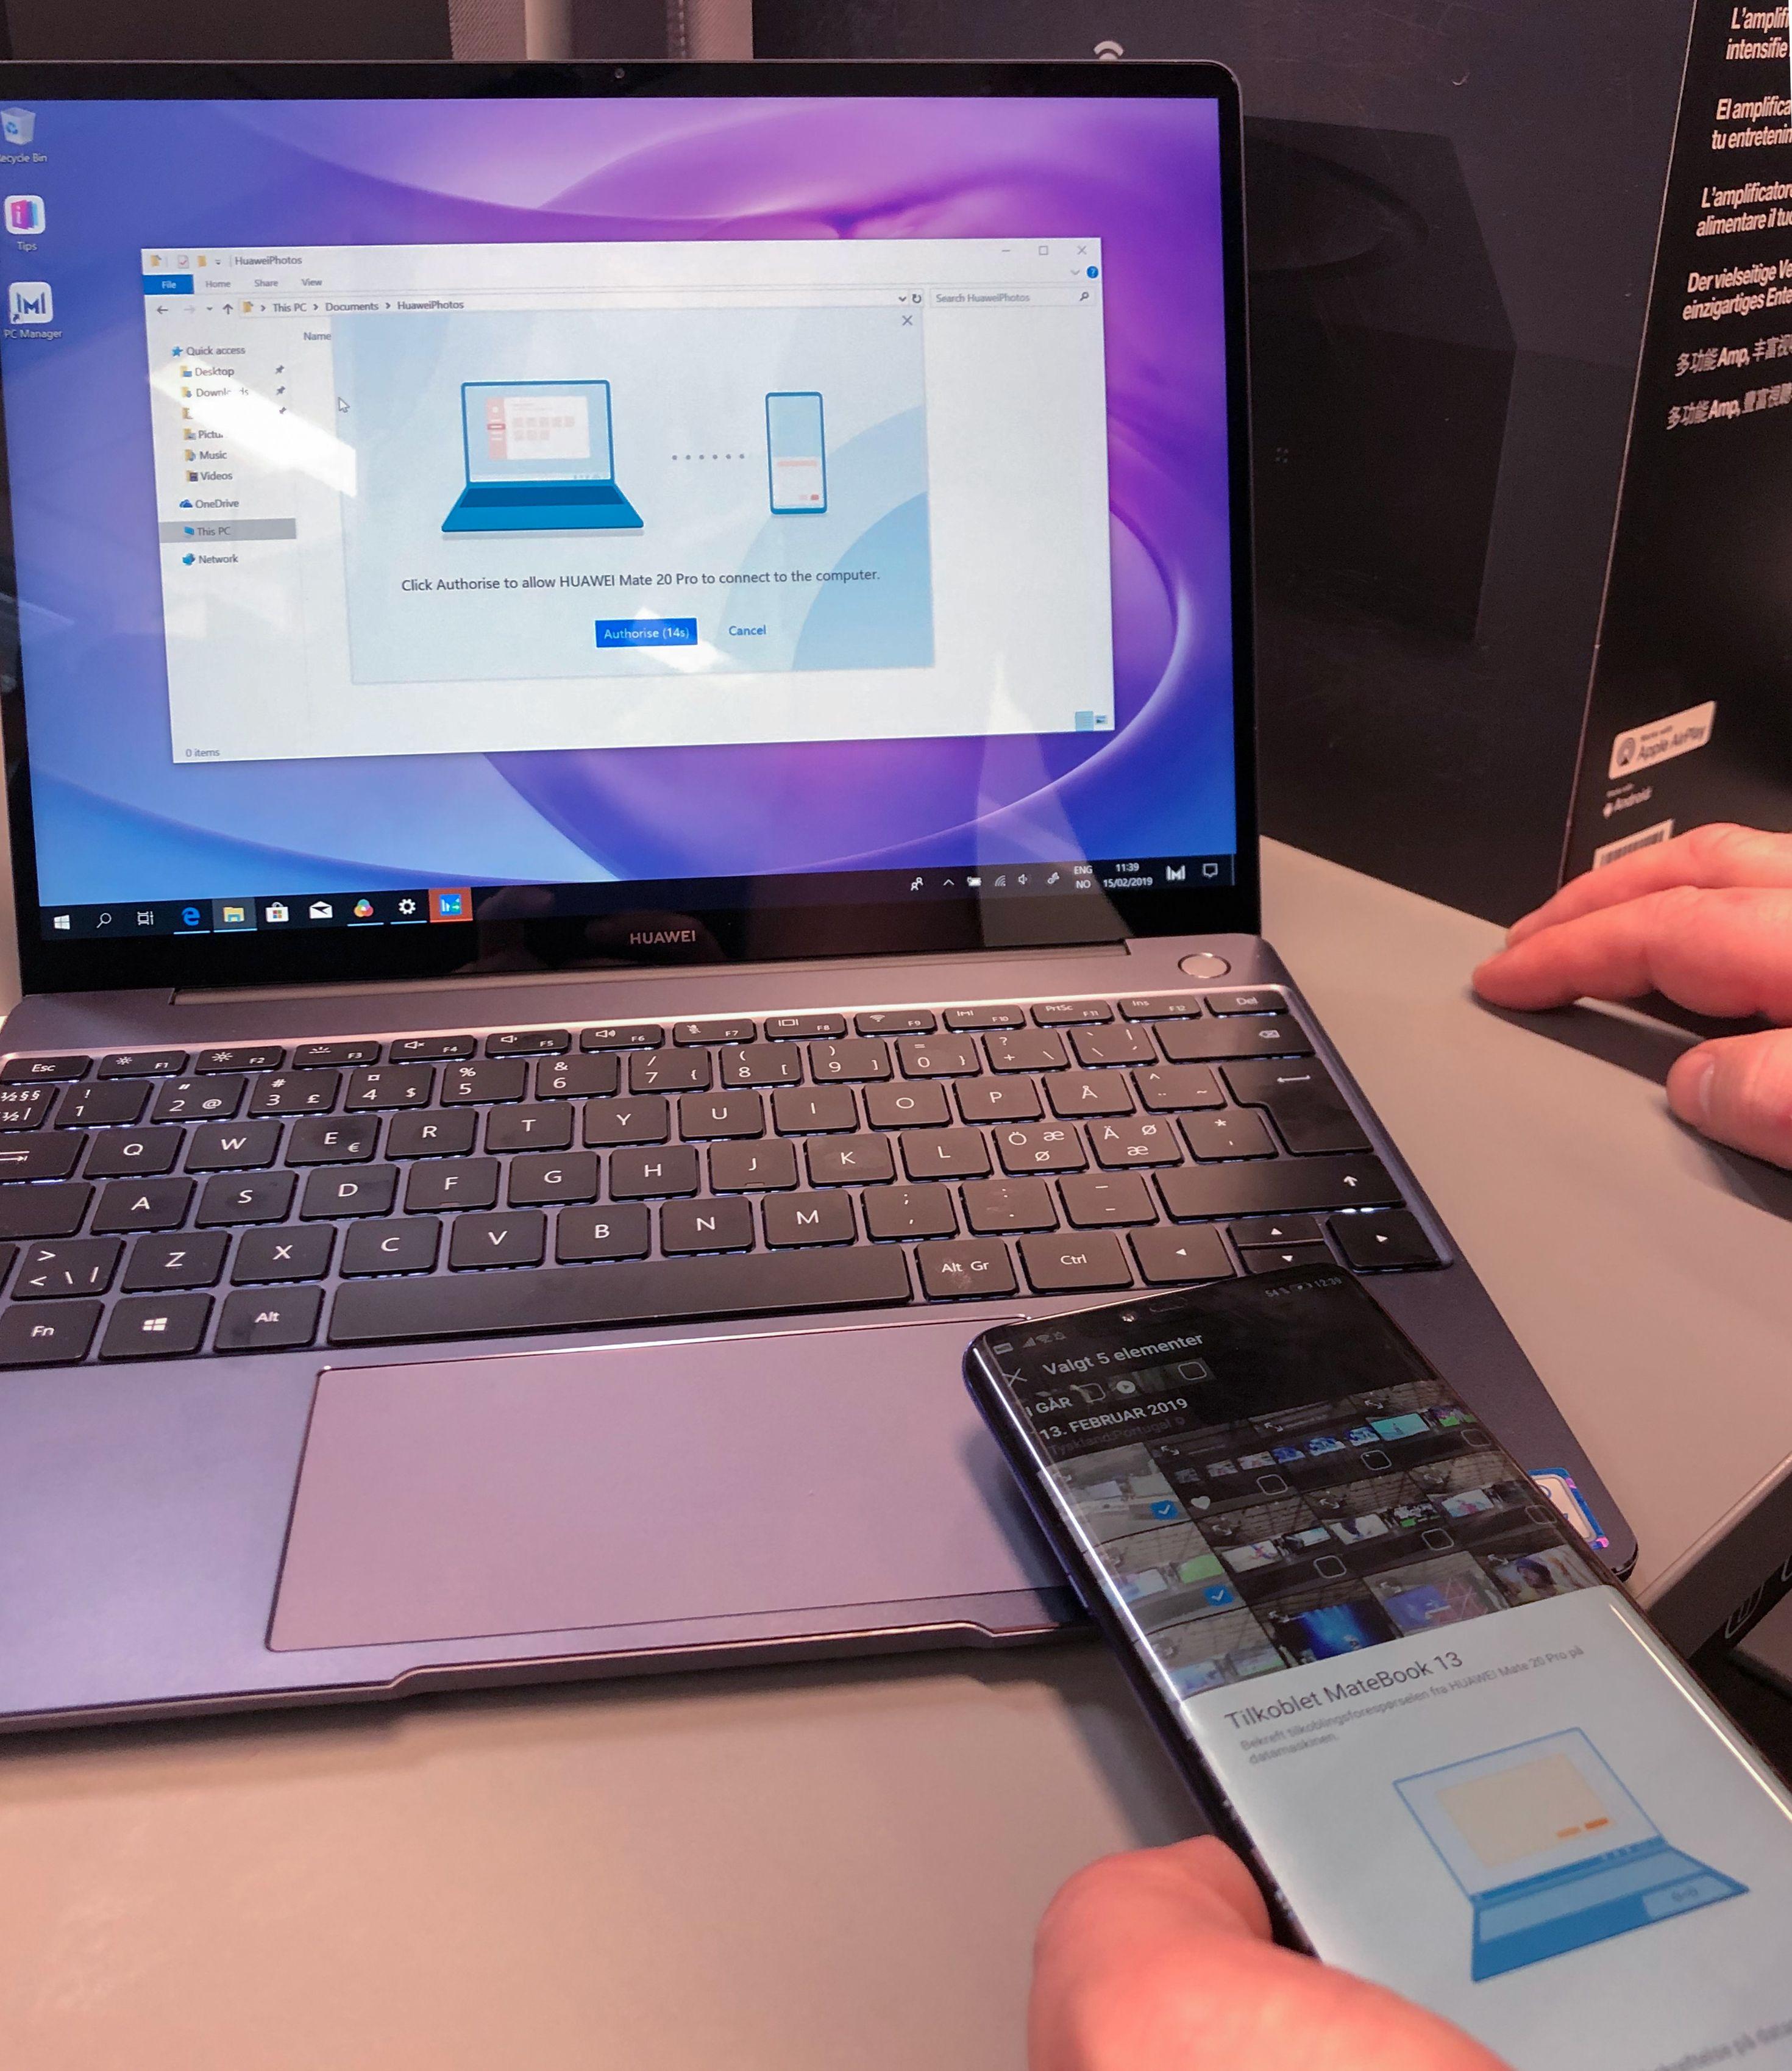 En nyere Huawei-telefon som Mate 20 Pro kan «tappes» mot basen for å overføre eller bla i bilder.